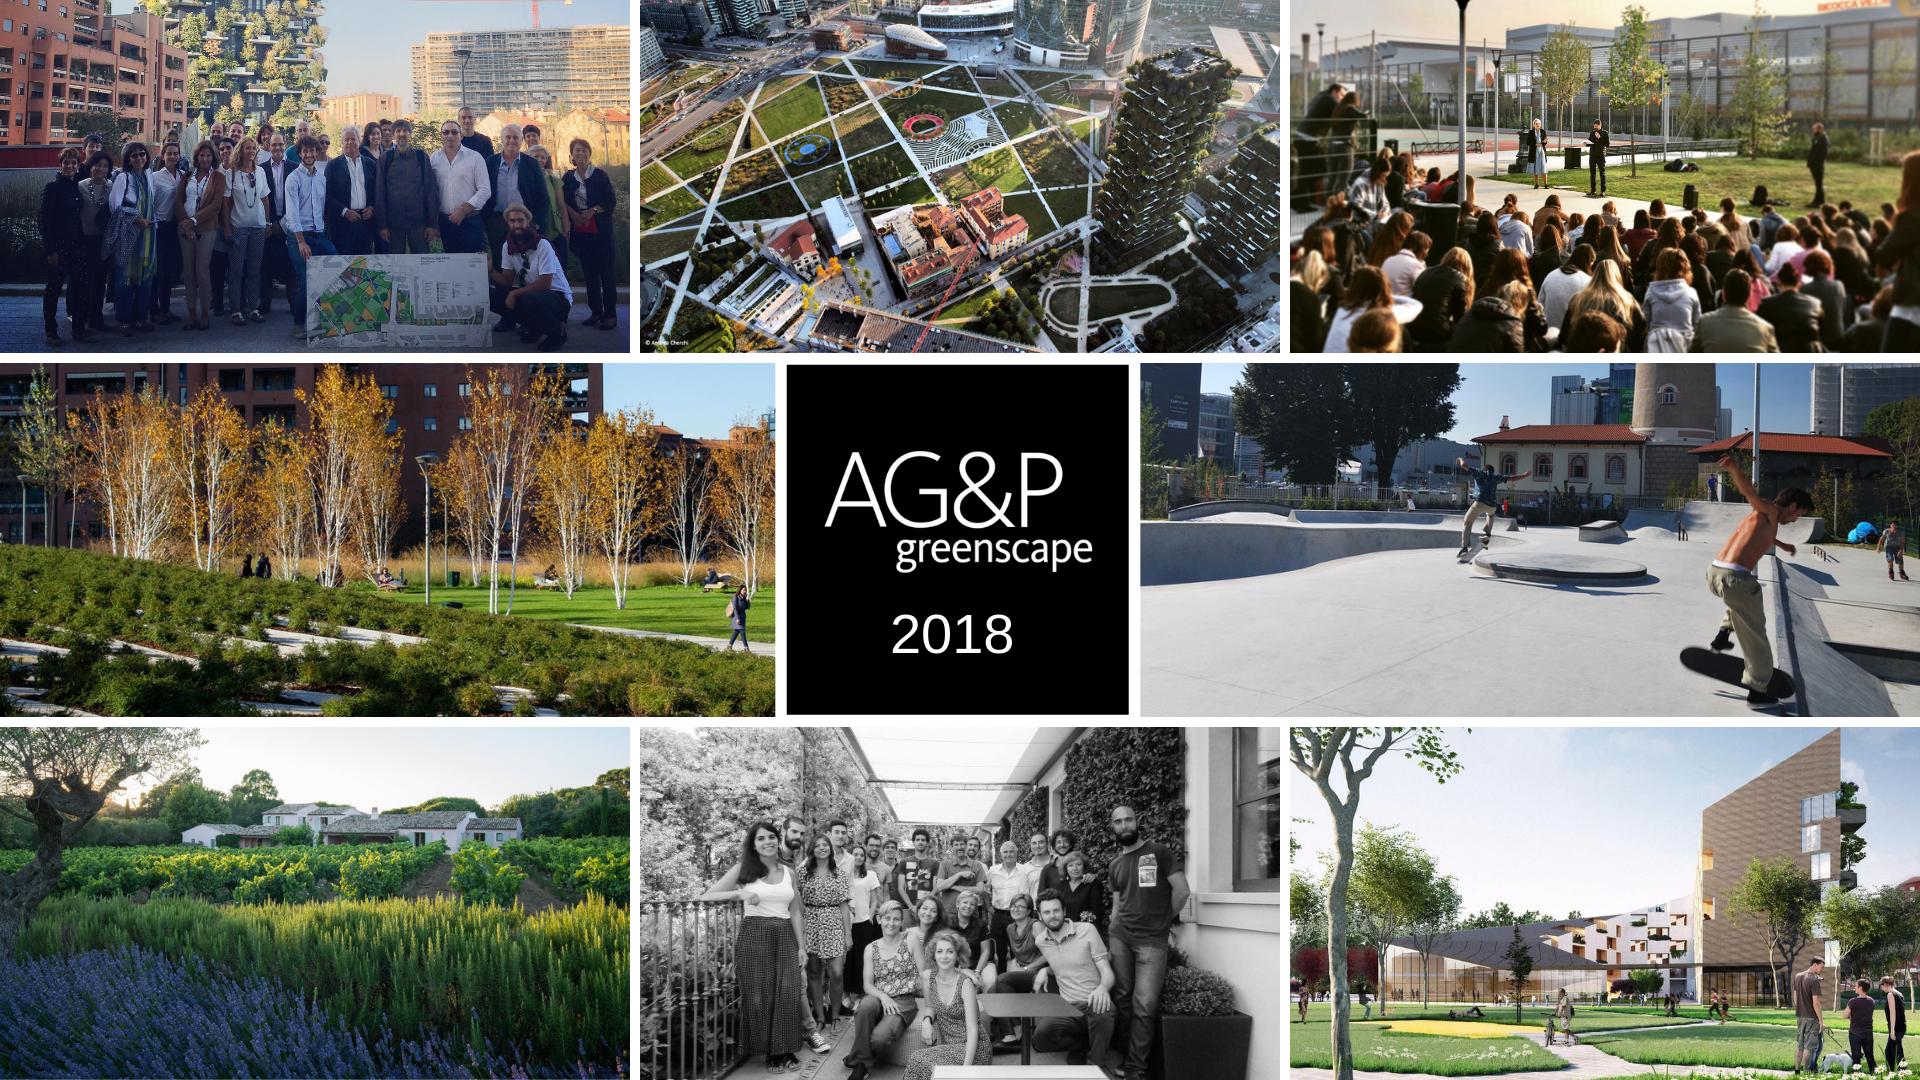 Il 2018 di AG&P greenscape